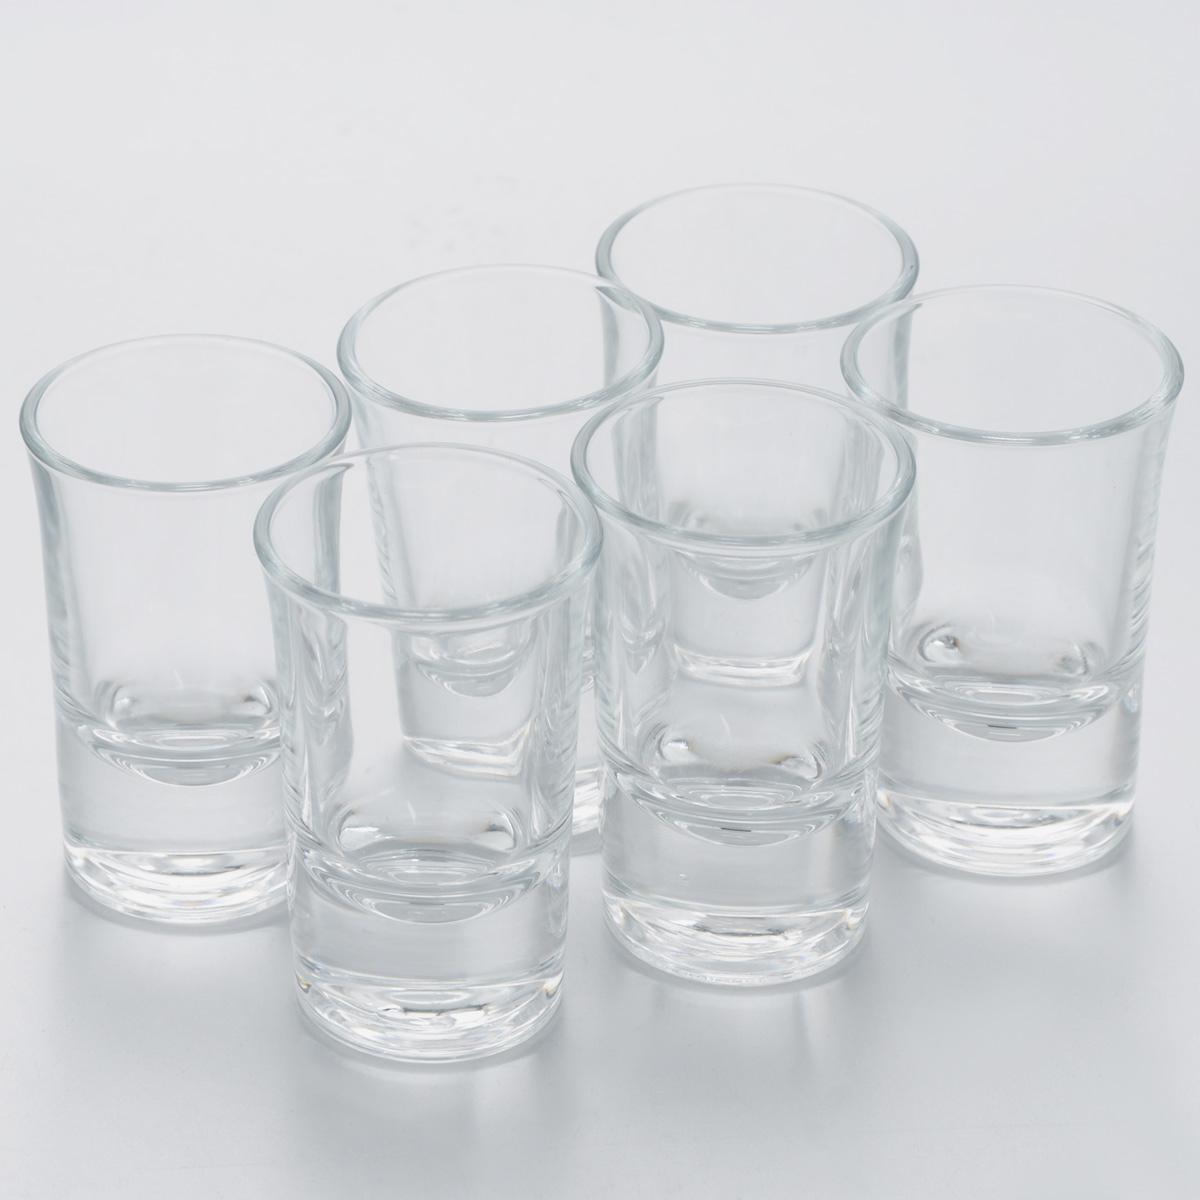 Набор стопок Pasabahce Boston Shots, 40 мл, 6 штАксион Т-33Набор Pasabahce Boston Shots, выполненный из прочного натрий-кальций-силикатного стекла, состоит из шести стопок. Стопки, оснащенные утолщенным дном, прекрасно подойдут для подачи водки или ликера. Эстетичность, функциональность и изящный дизайн сделают набор достойным дополнением к вашему кухонному инвентарю. Набор стопок Pasabahce Boston Shots украсит ваш стол и станет отличным подарком к любому празднику. Можно использовать в микроволновой печи и мыть в посудомоечной машине.Диаметр стопки по верхнему краю: 4 см. Высота стопки: 7 см.